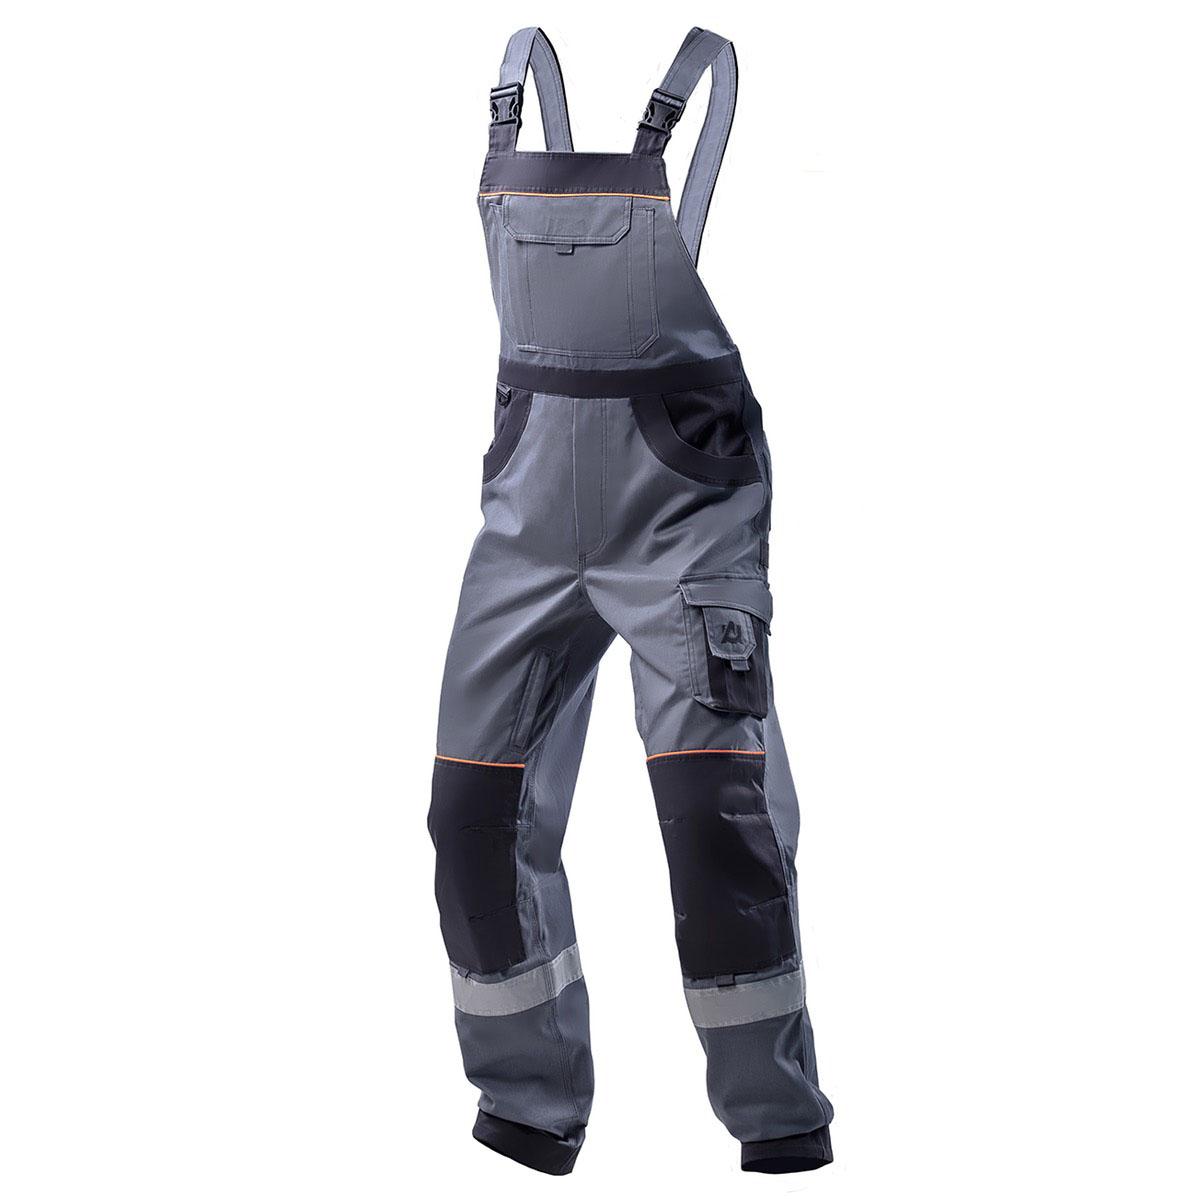 Полукомбинезон рабочий хлопковый AURUM B Grey